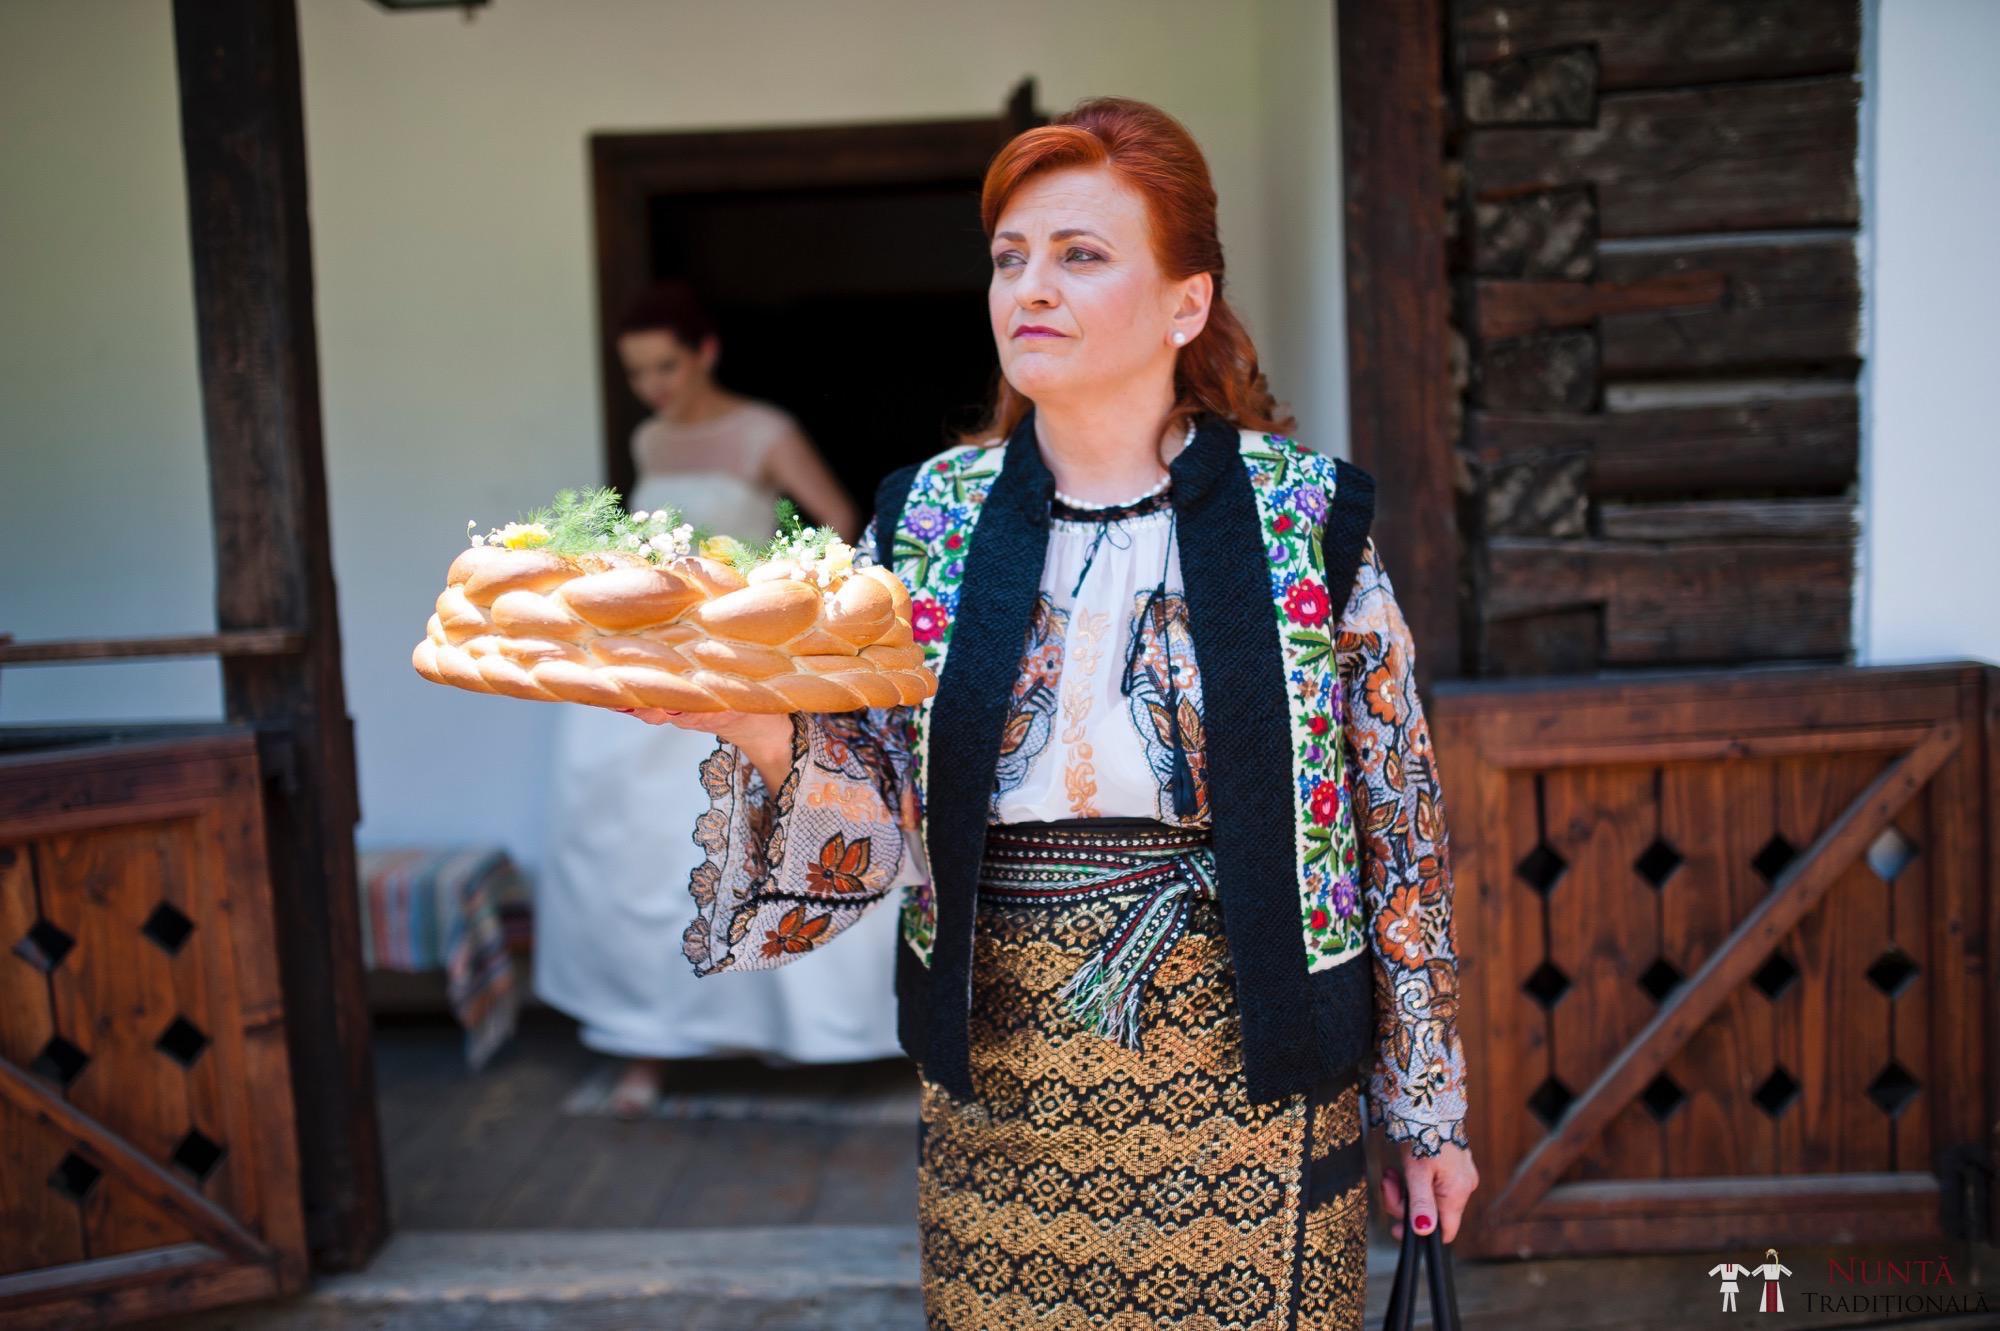 Povești Nunți Tradiționale - Gabriela și Mădălin - Nuntă Tradițională în Suceava, Bucovina 112